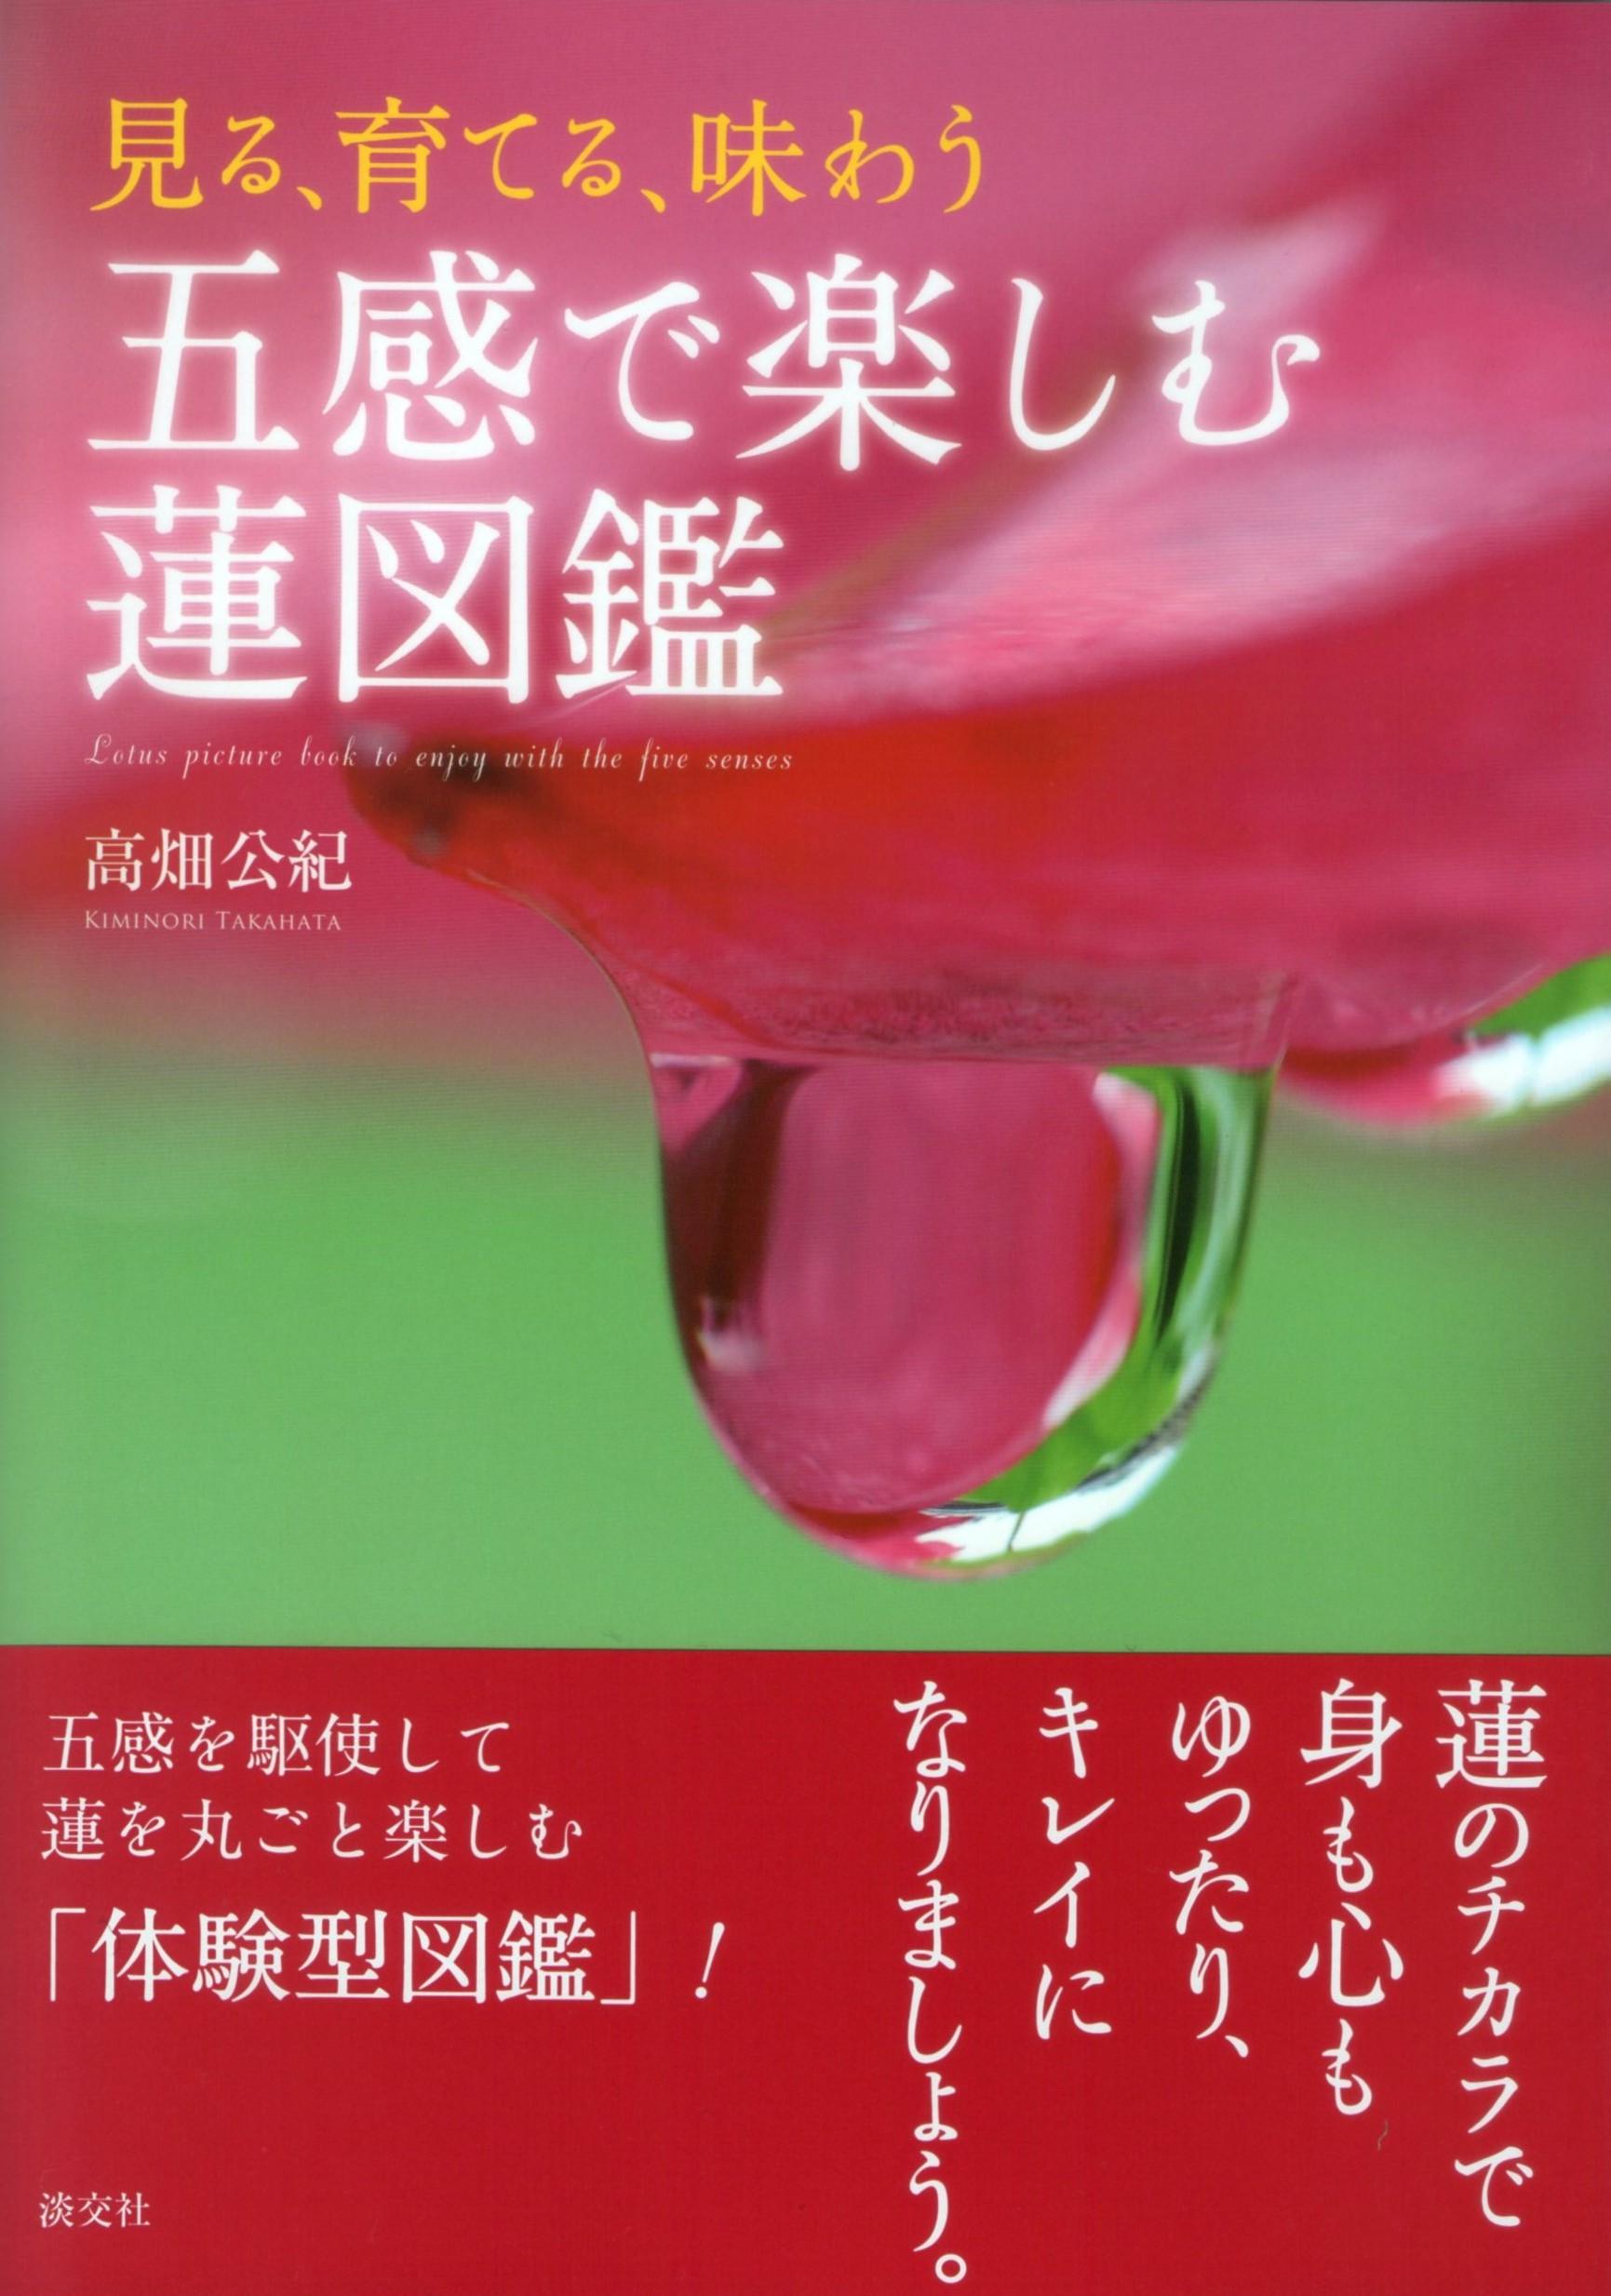 新刊『五感で楽しむ蓮図鑑』